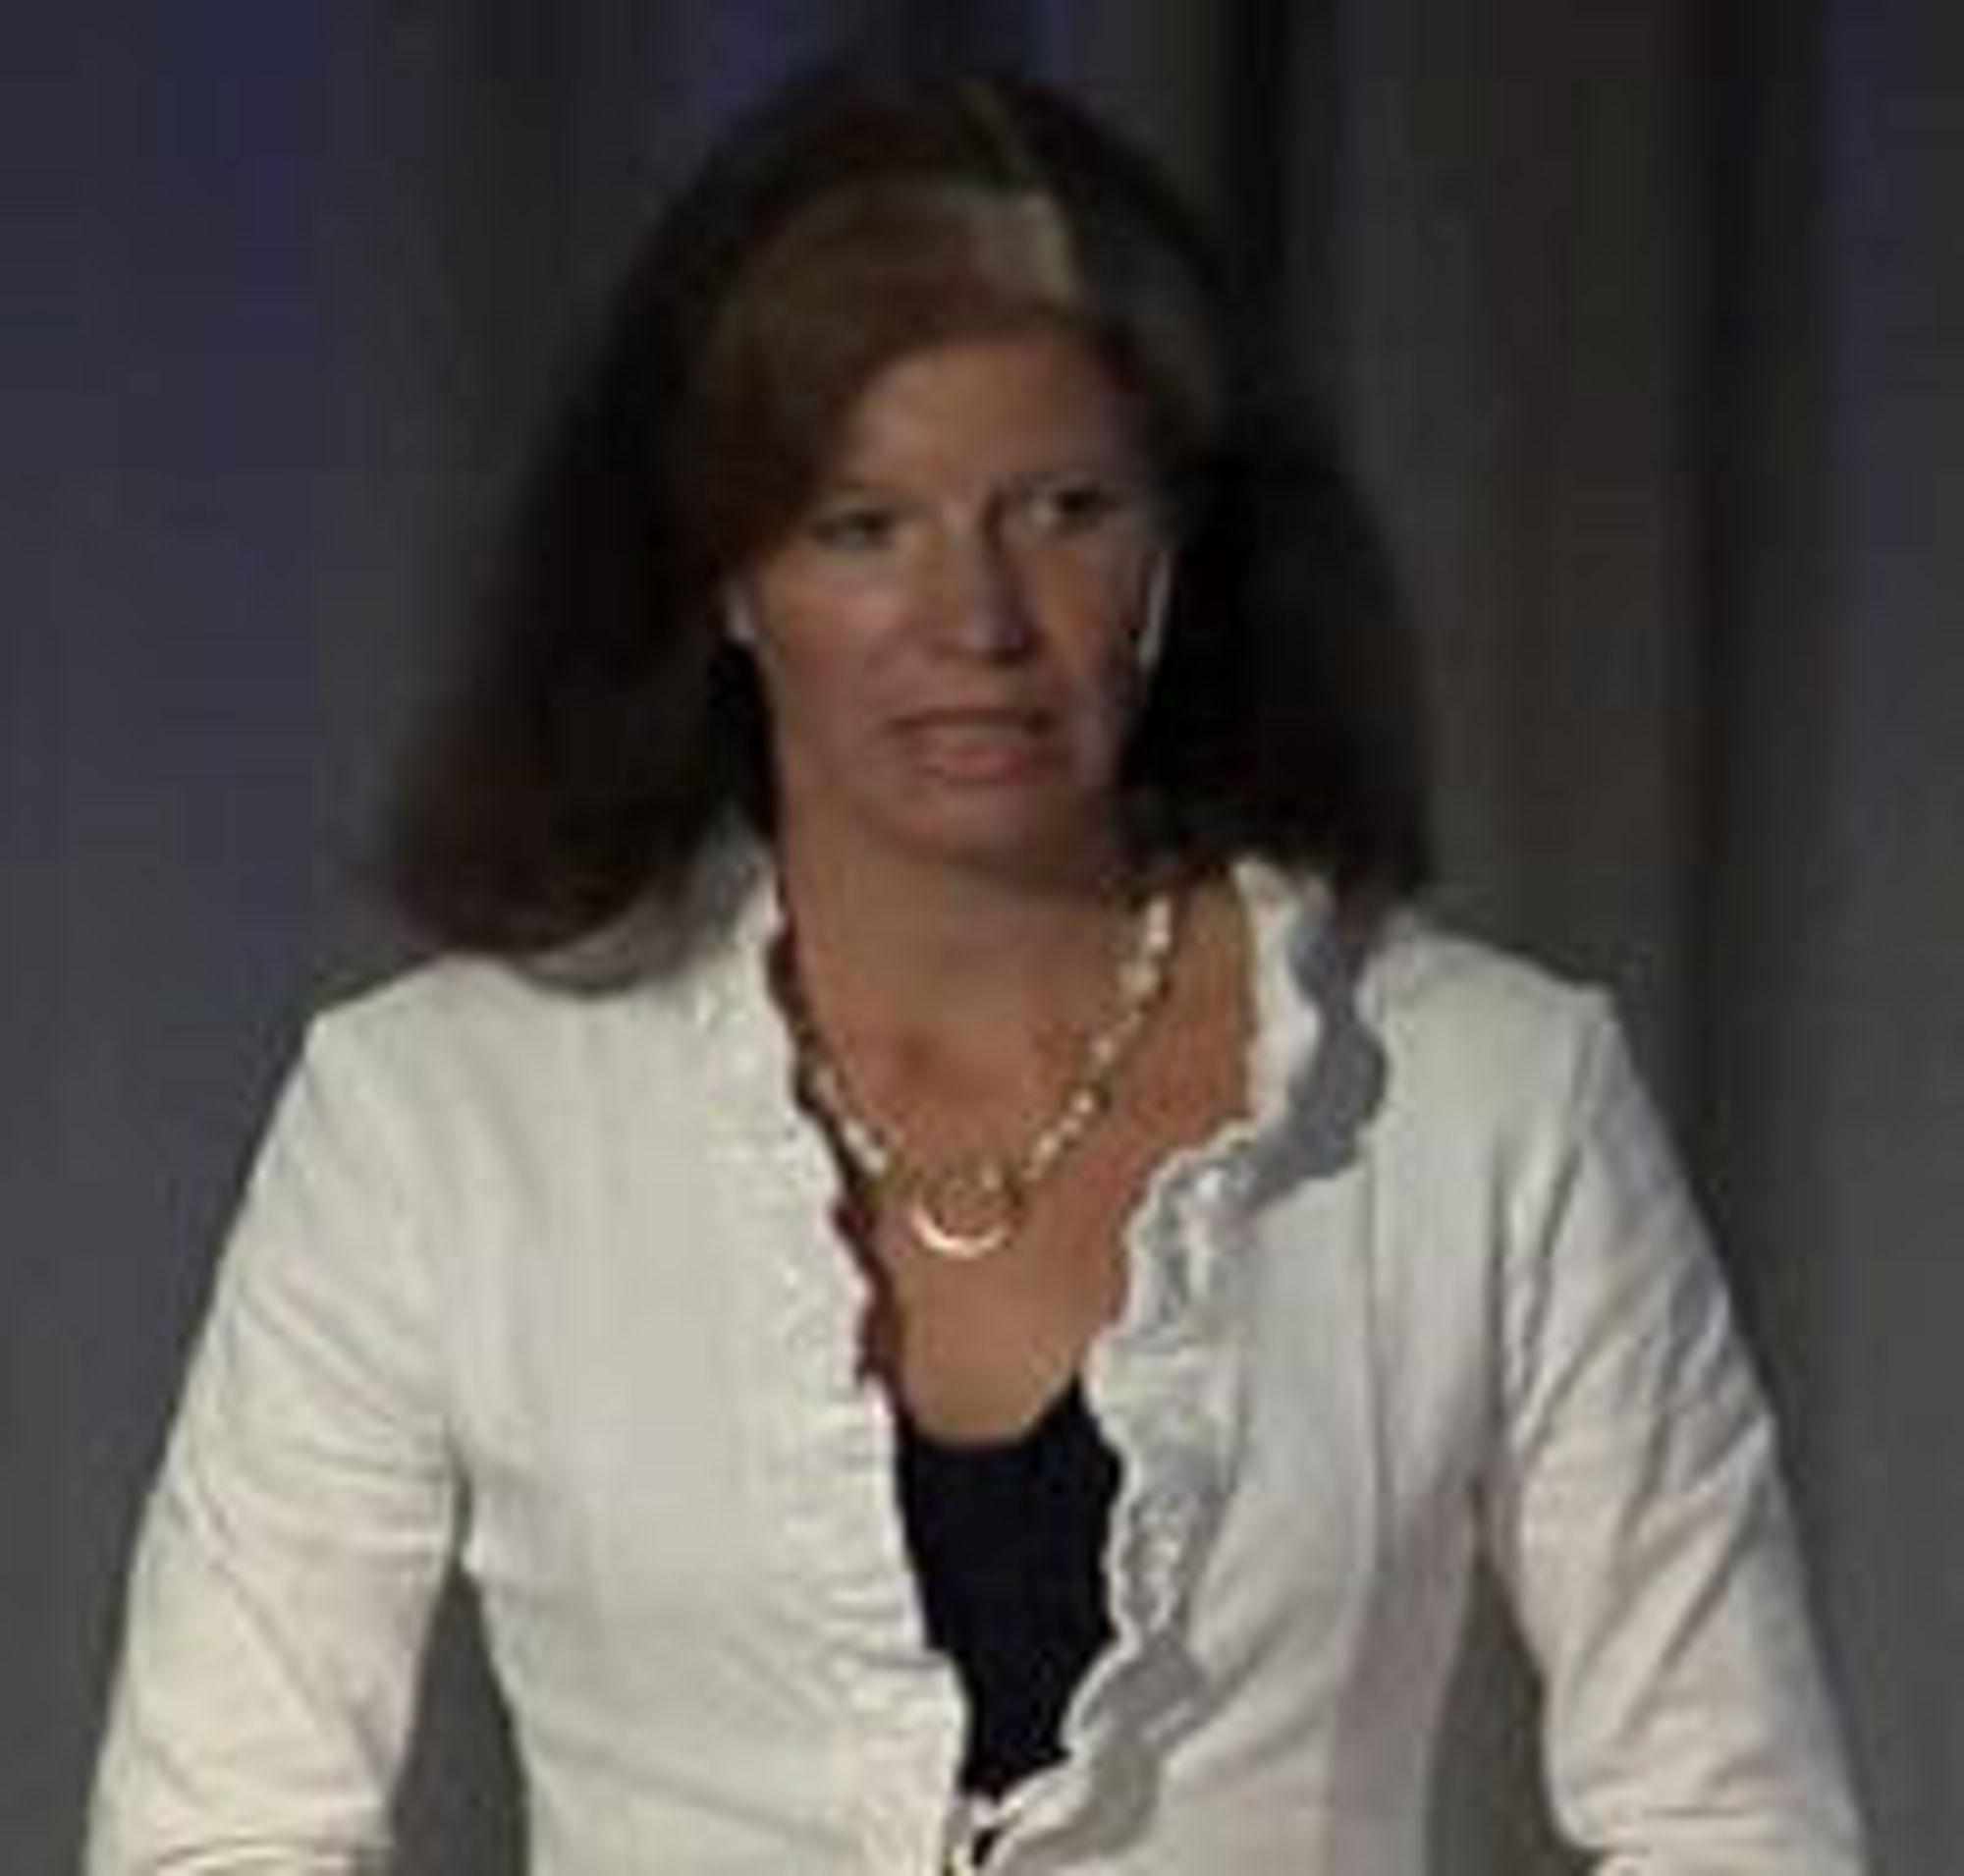 Ingrid Lorange, driftsjef i Telenor, forklarte under pressemøtet torsdag som som egentlig forårsaket nedetiden i mobilnettet.